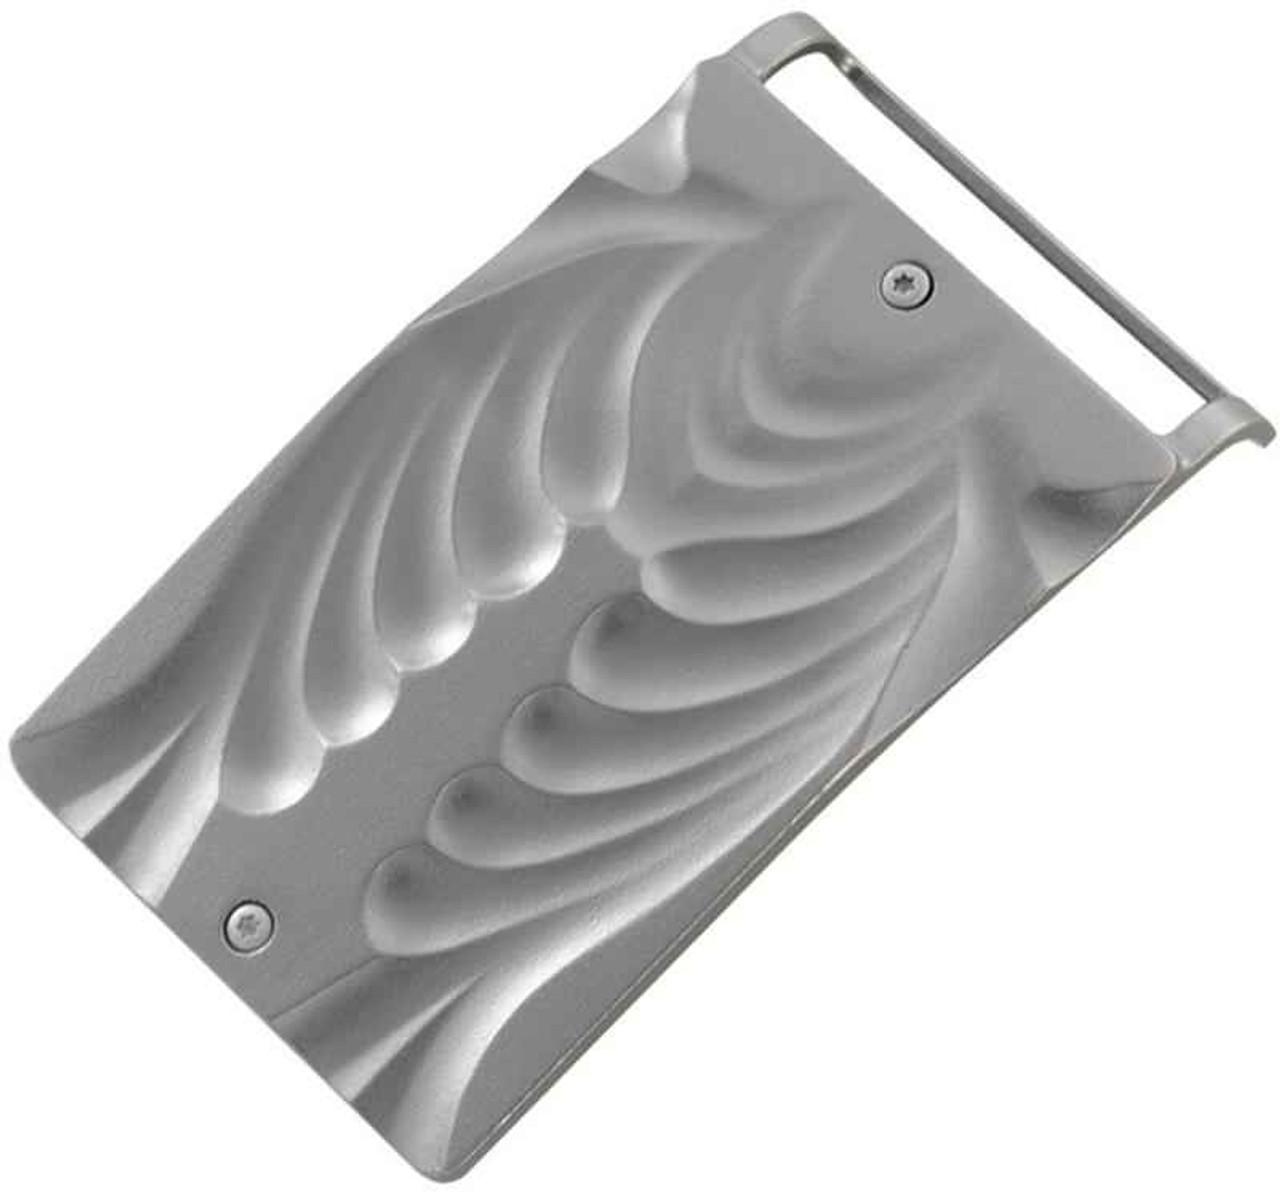 CRKT 5280BELT Tighe Dye™ Belt Buckle, 6061-T6 Aluminum